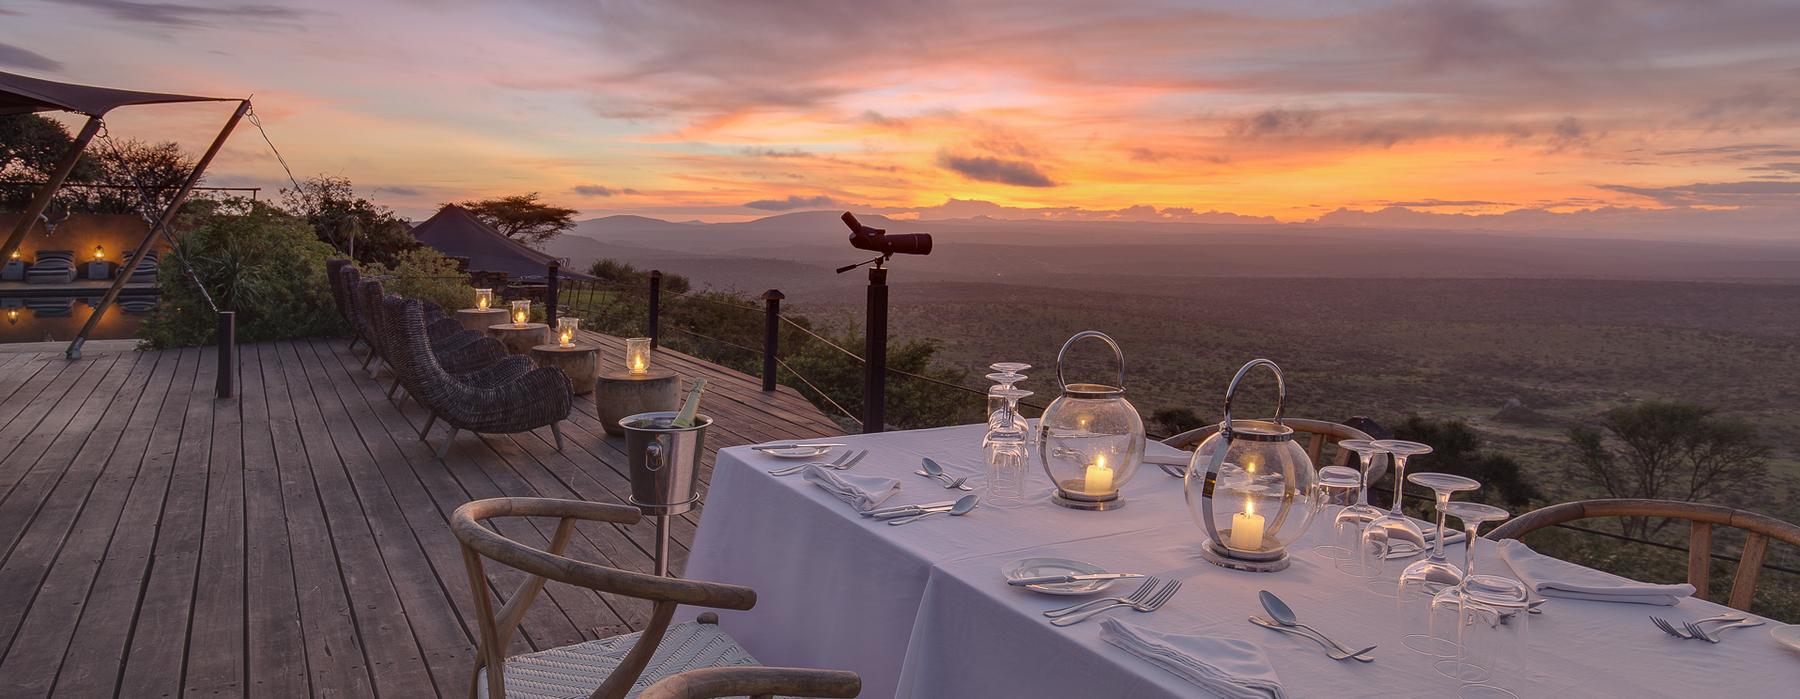 Africa - Safari view